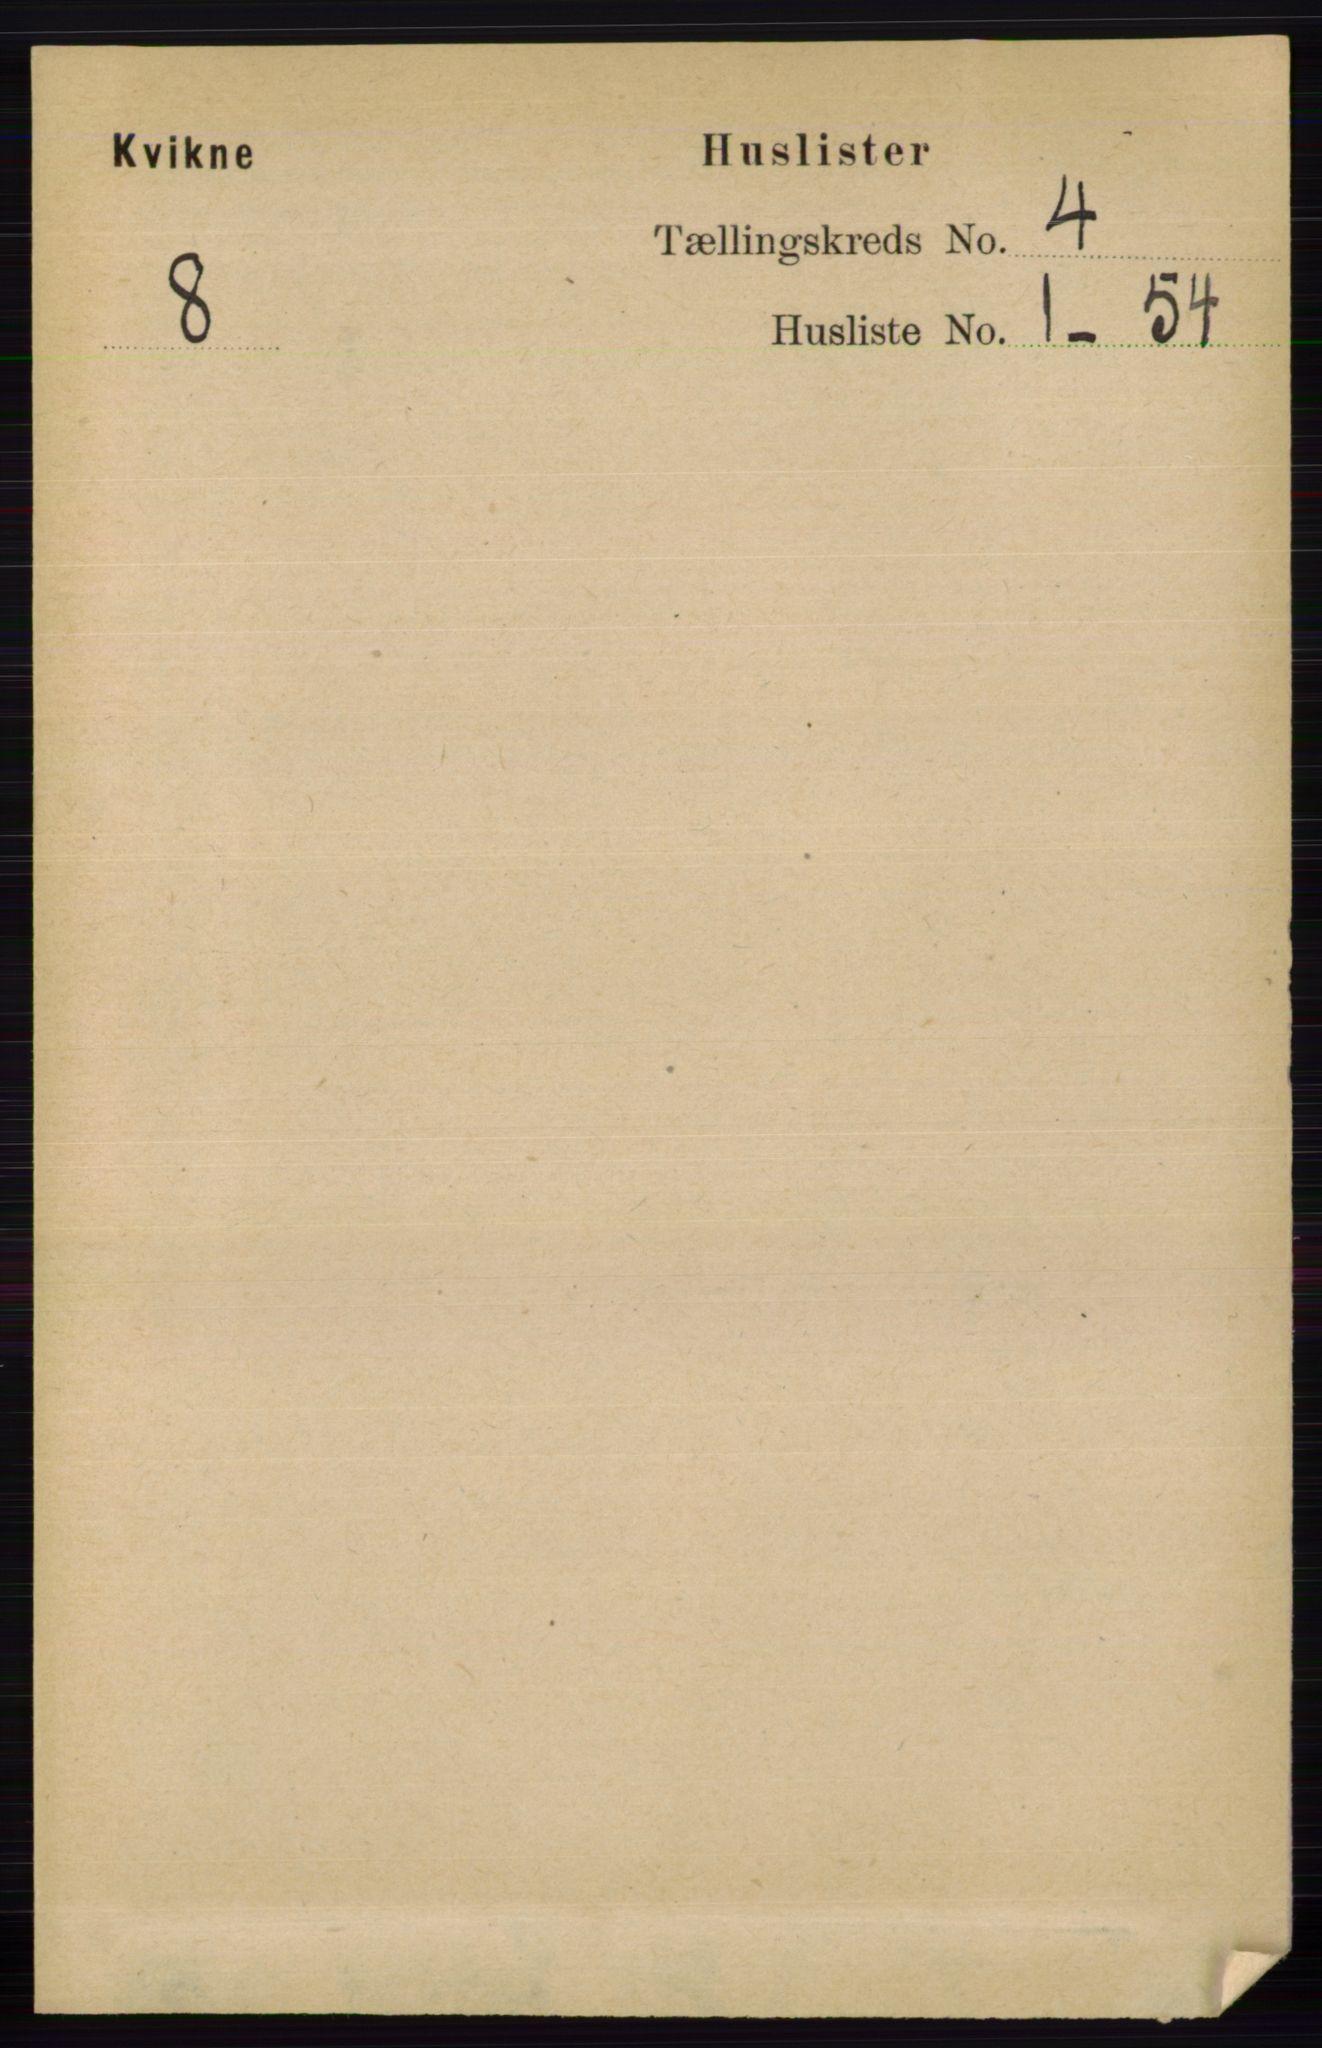 RA, Folketelling 1891 for 0440 Kvikne herred, 1891, s. 913